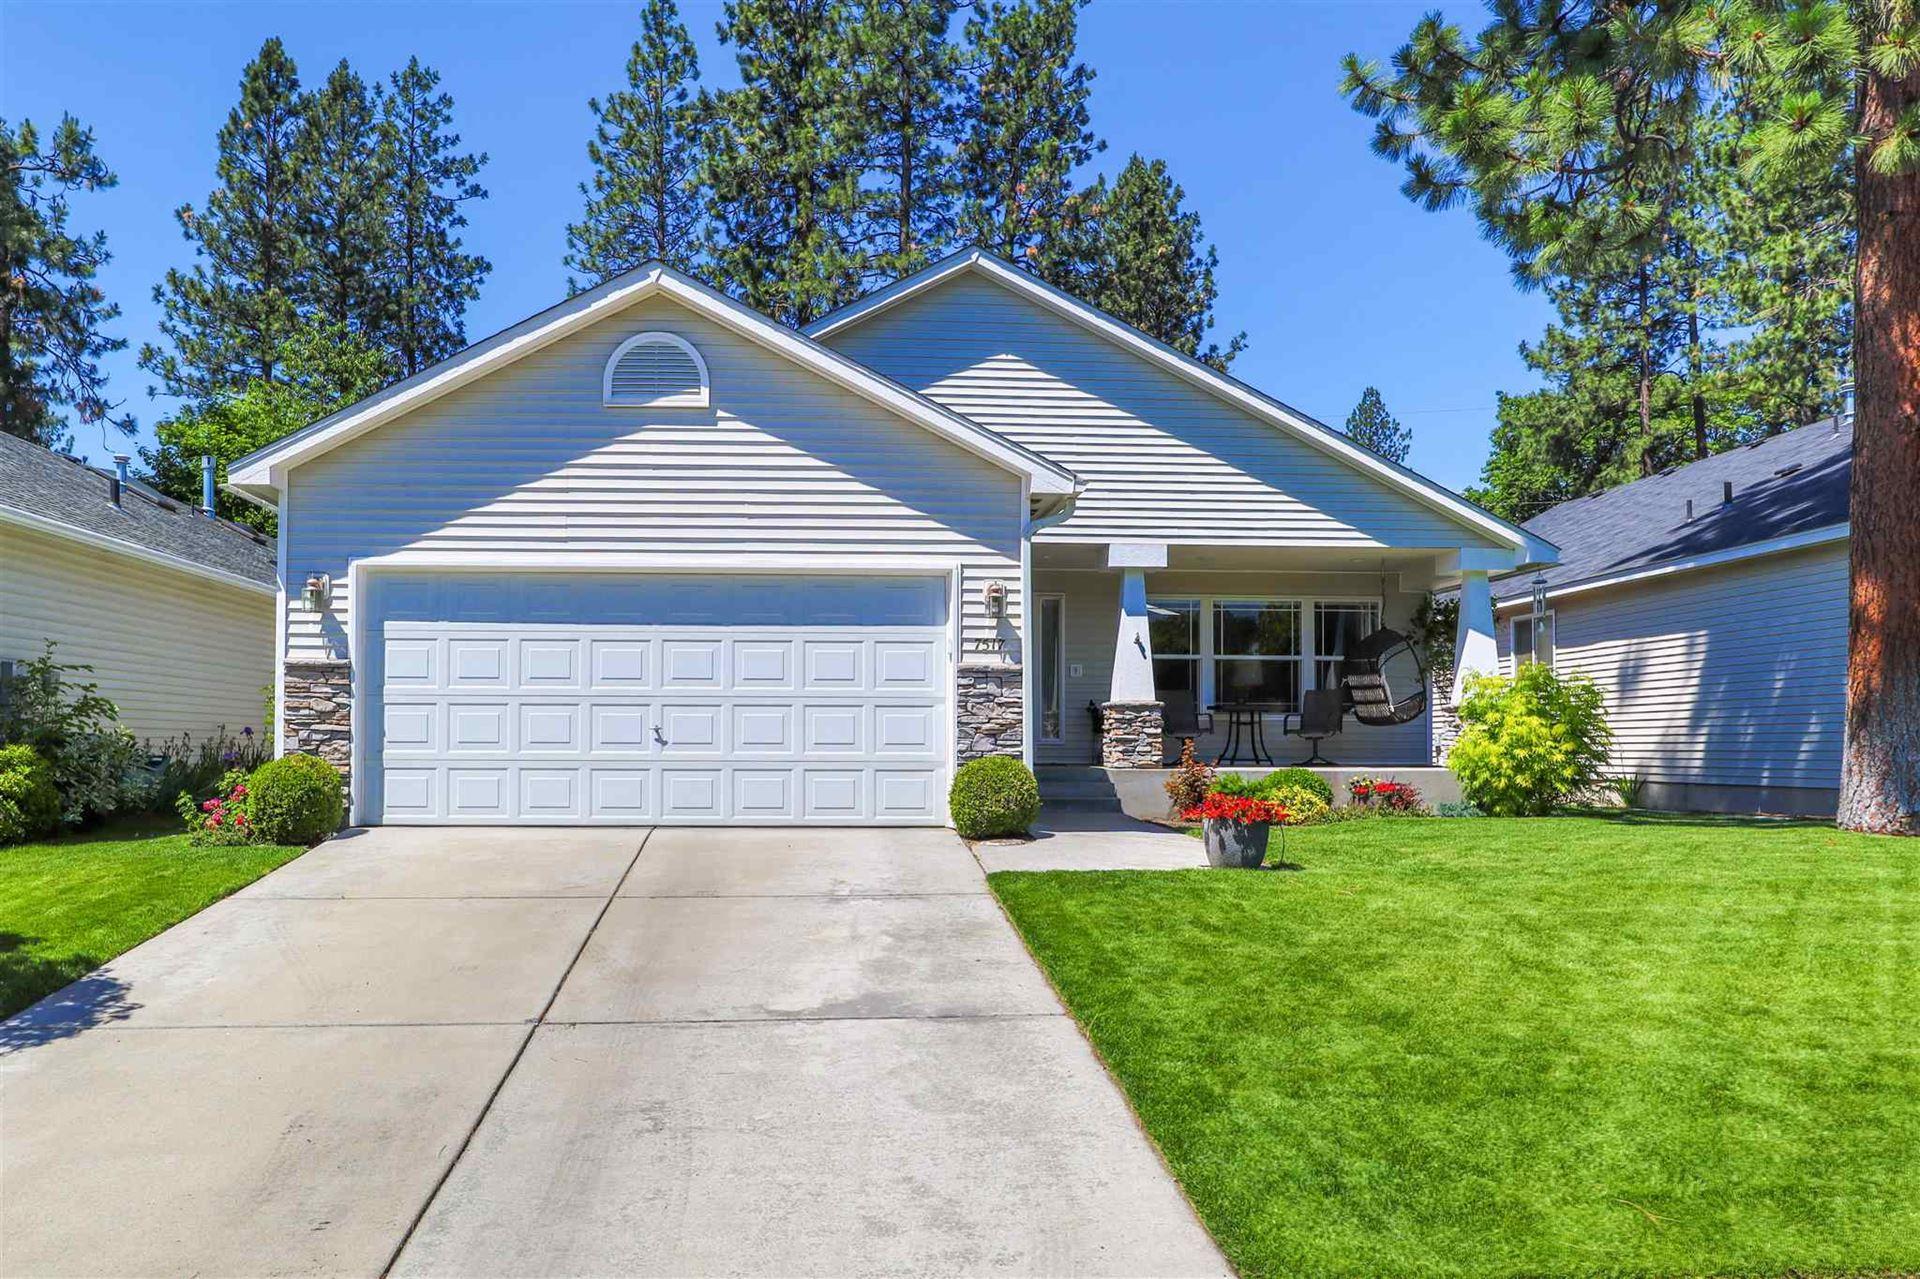 7517 N Calispel Ln, Spokane, WA 99208 - #: 202117352